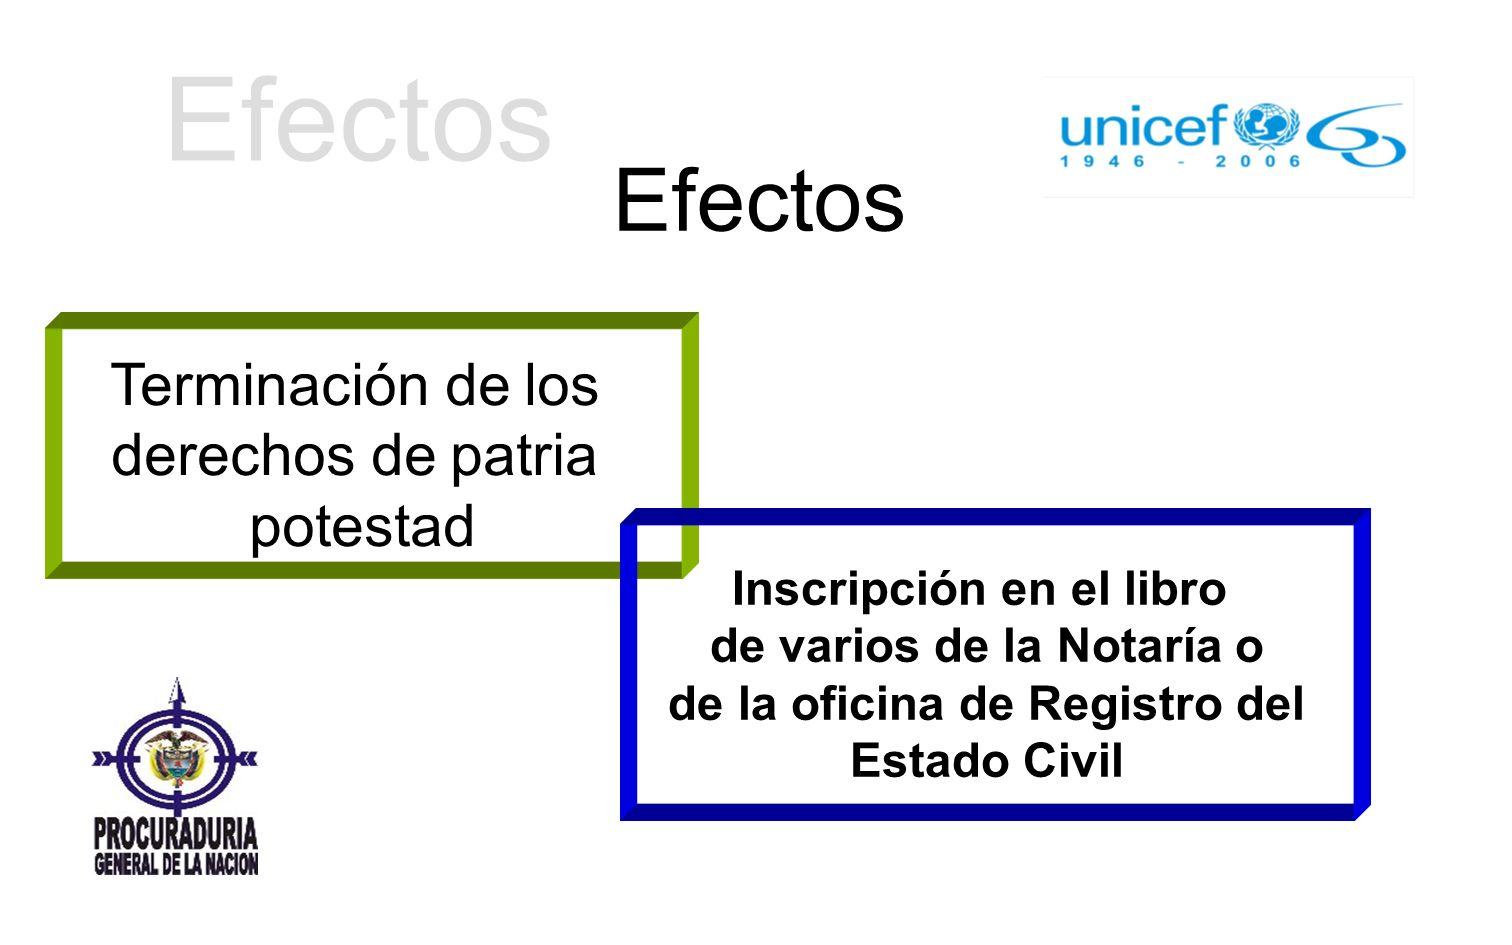 Efectos Terminación de los derechos de patria potestad Inscripción en el libro de varios de la Notaría o de la oficina de Registro del Estado Civil Ef